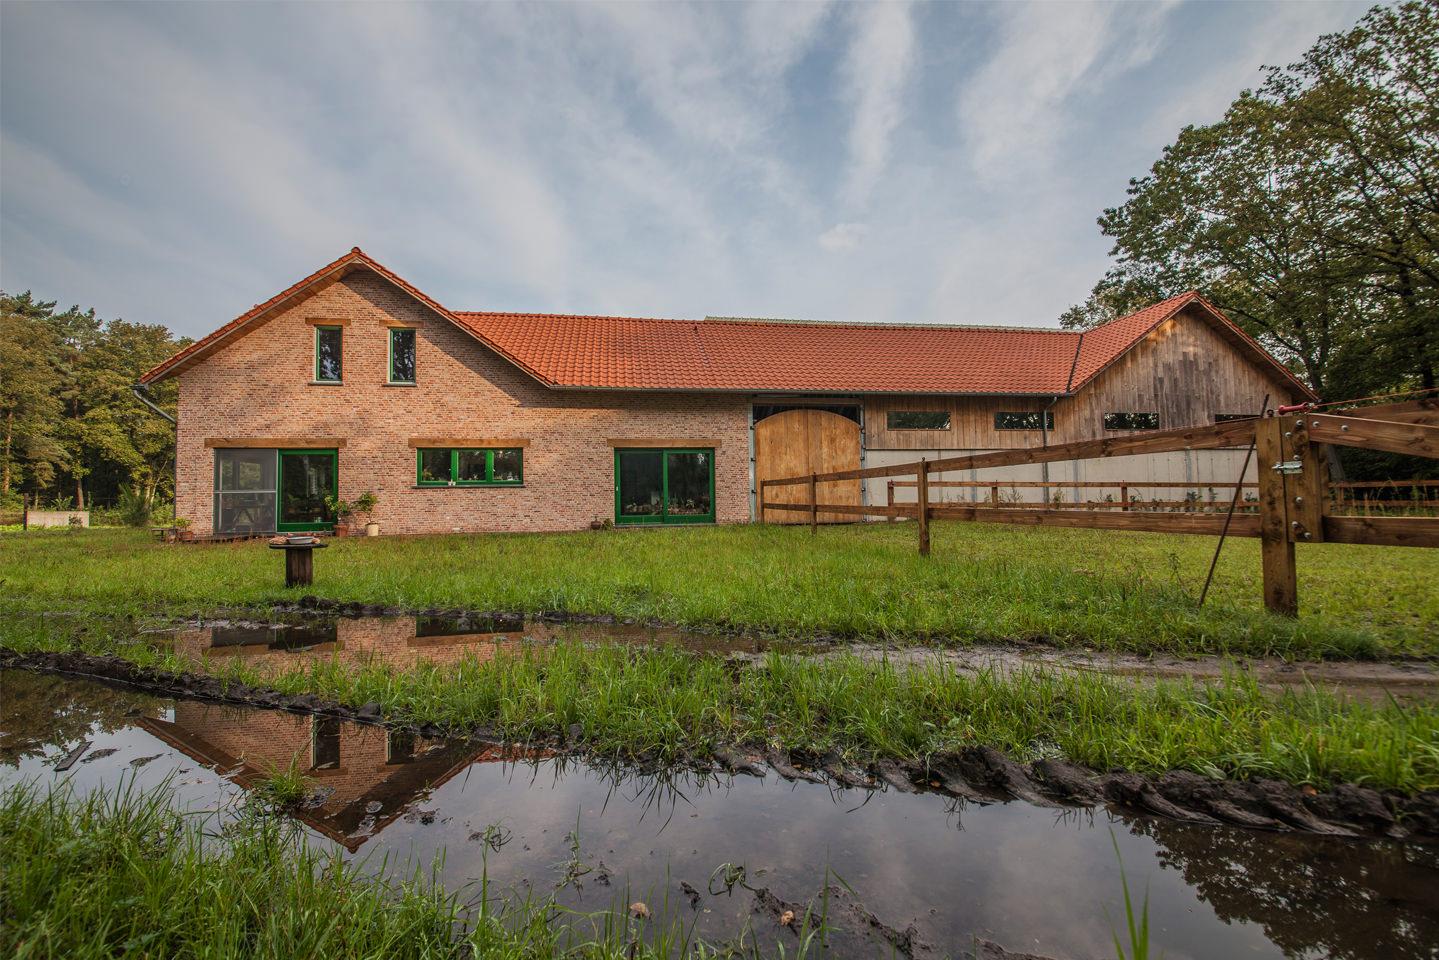 De Paardenboerderij